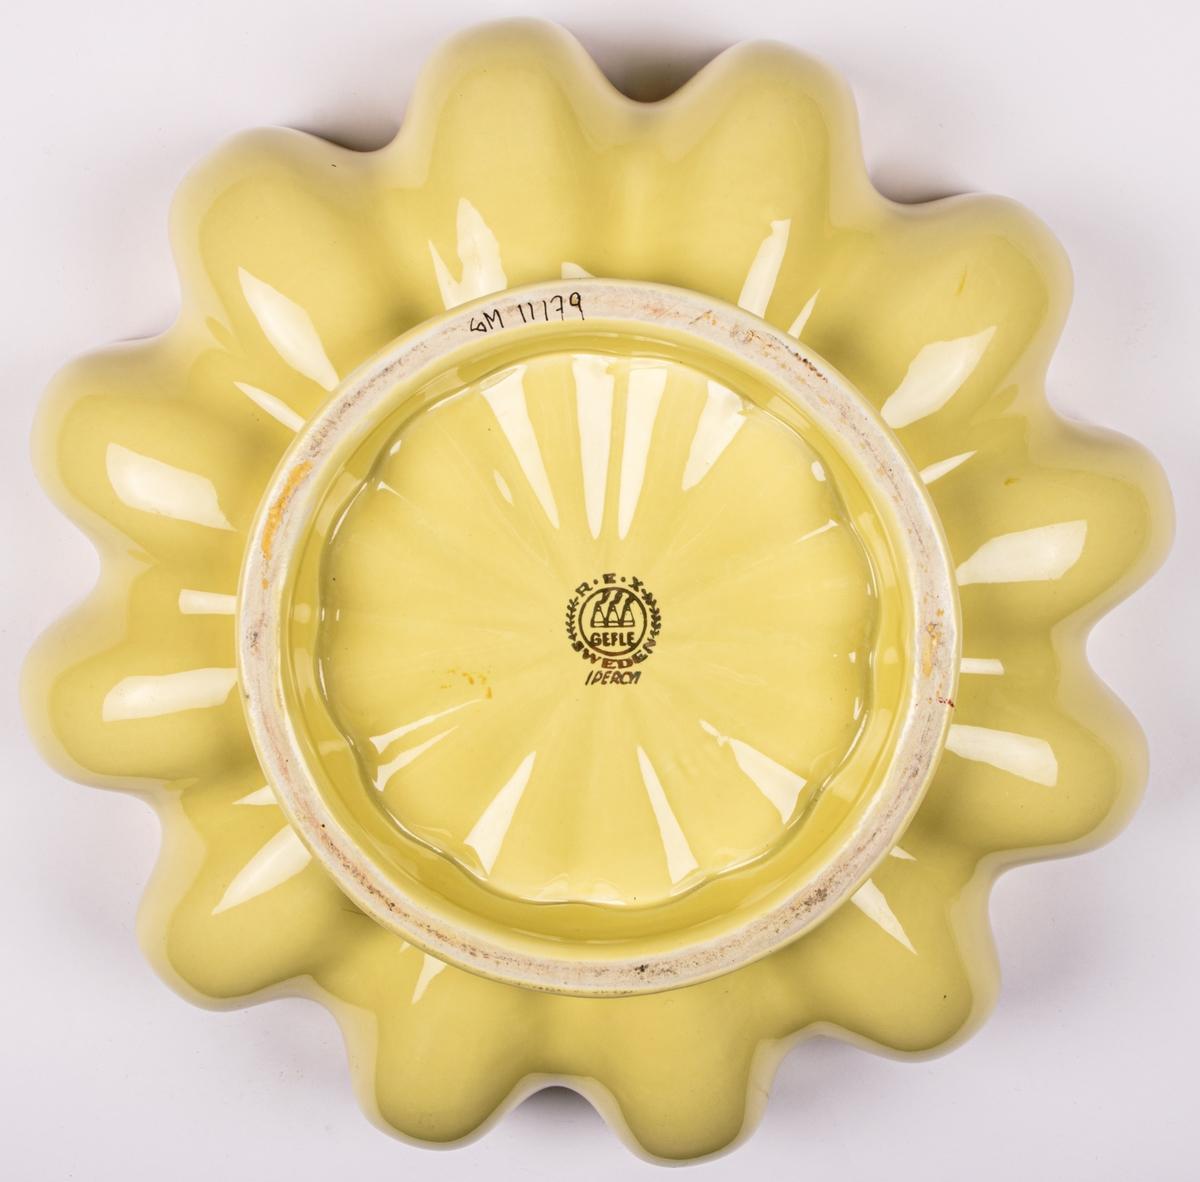 Skål av flintgods med veckad kant, gul glasyr med dekor i guld.